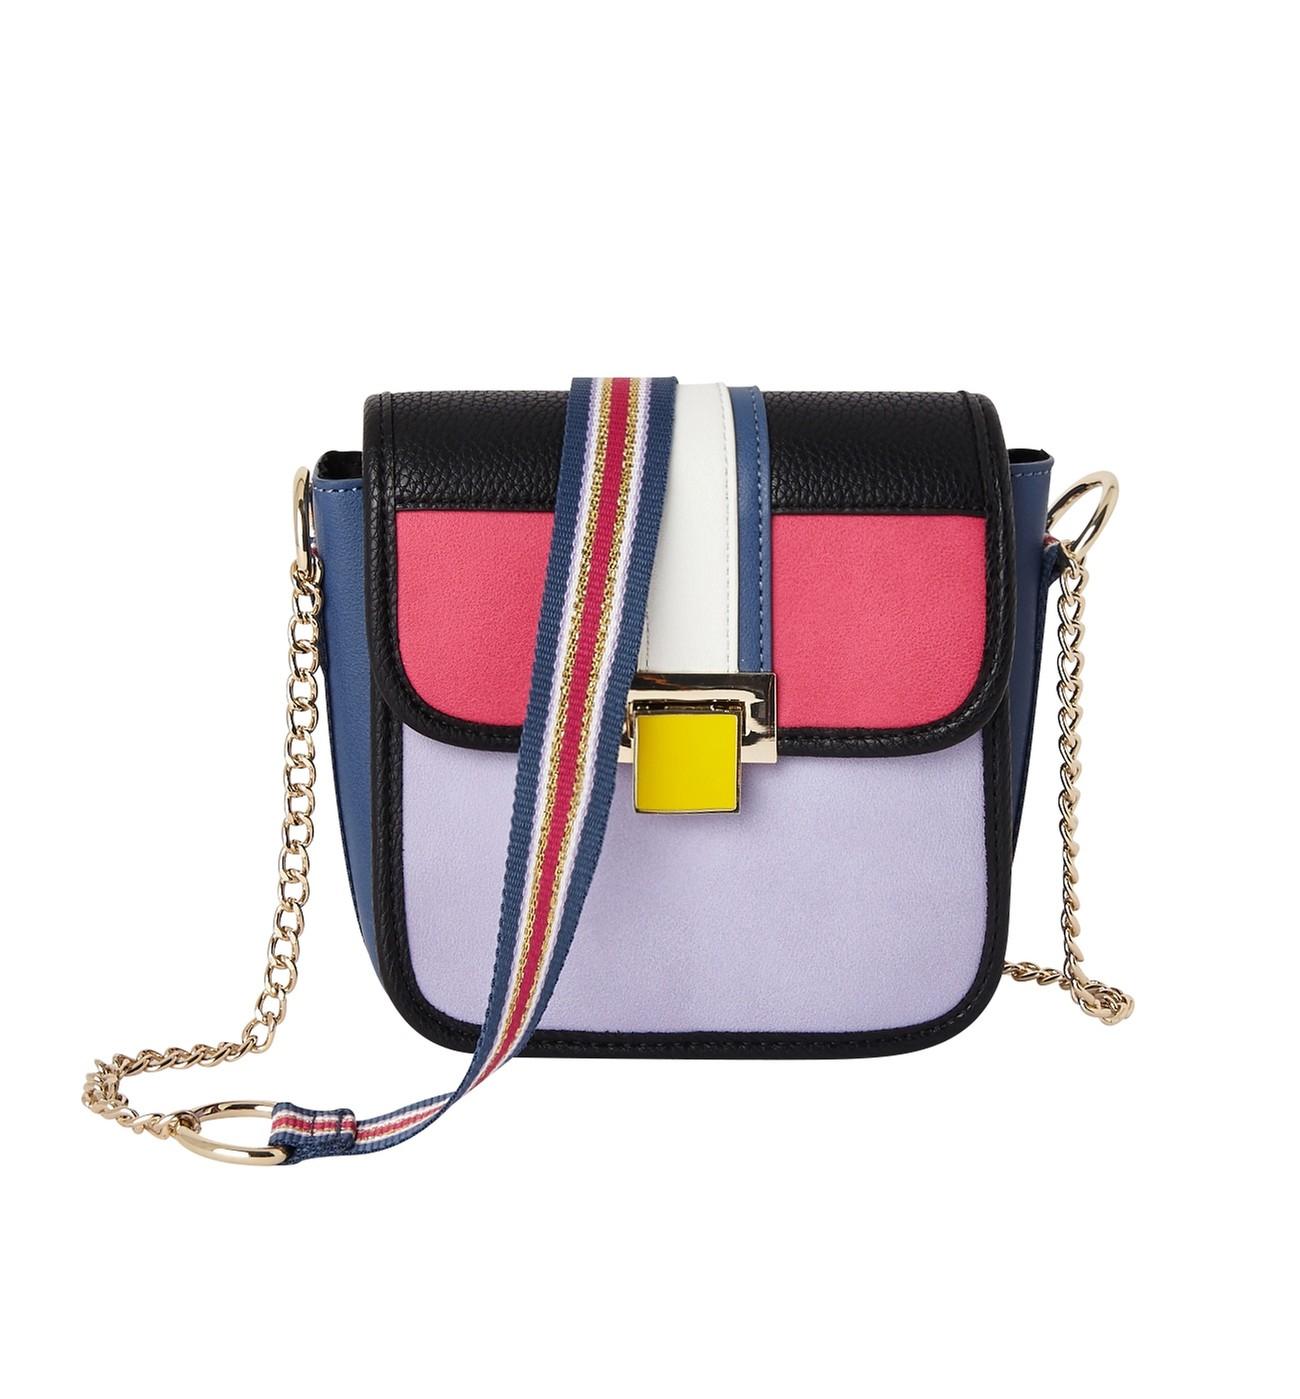 Petit sac multicolore, Promod.